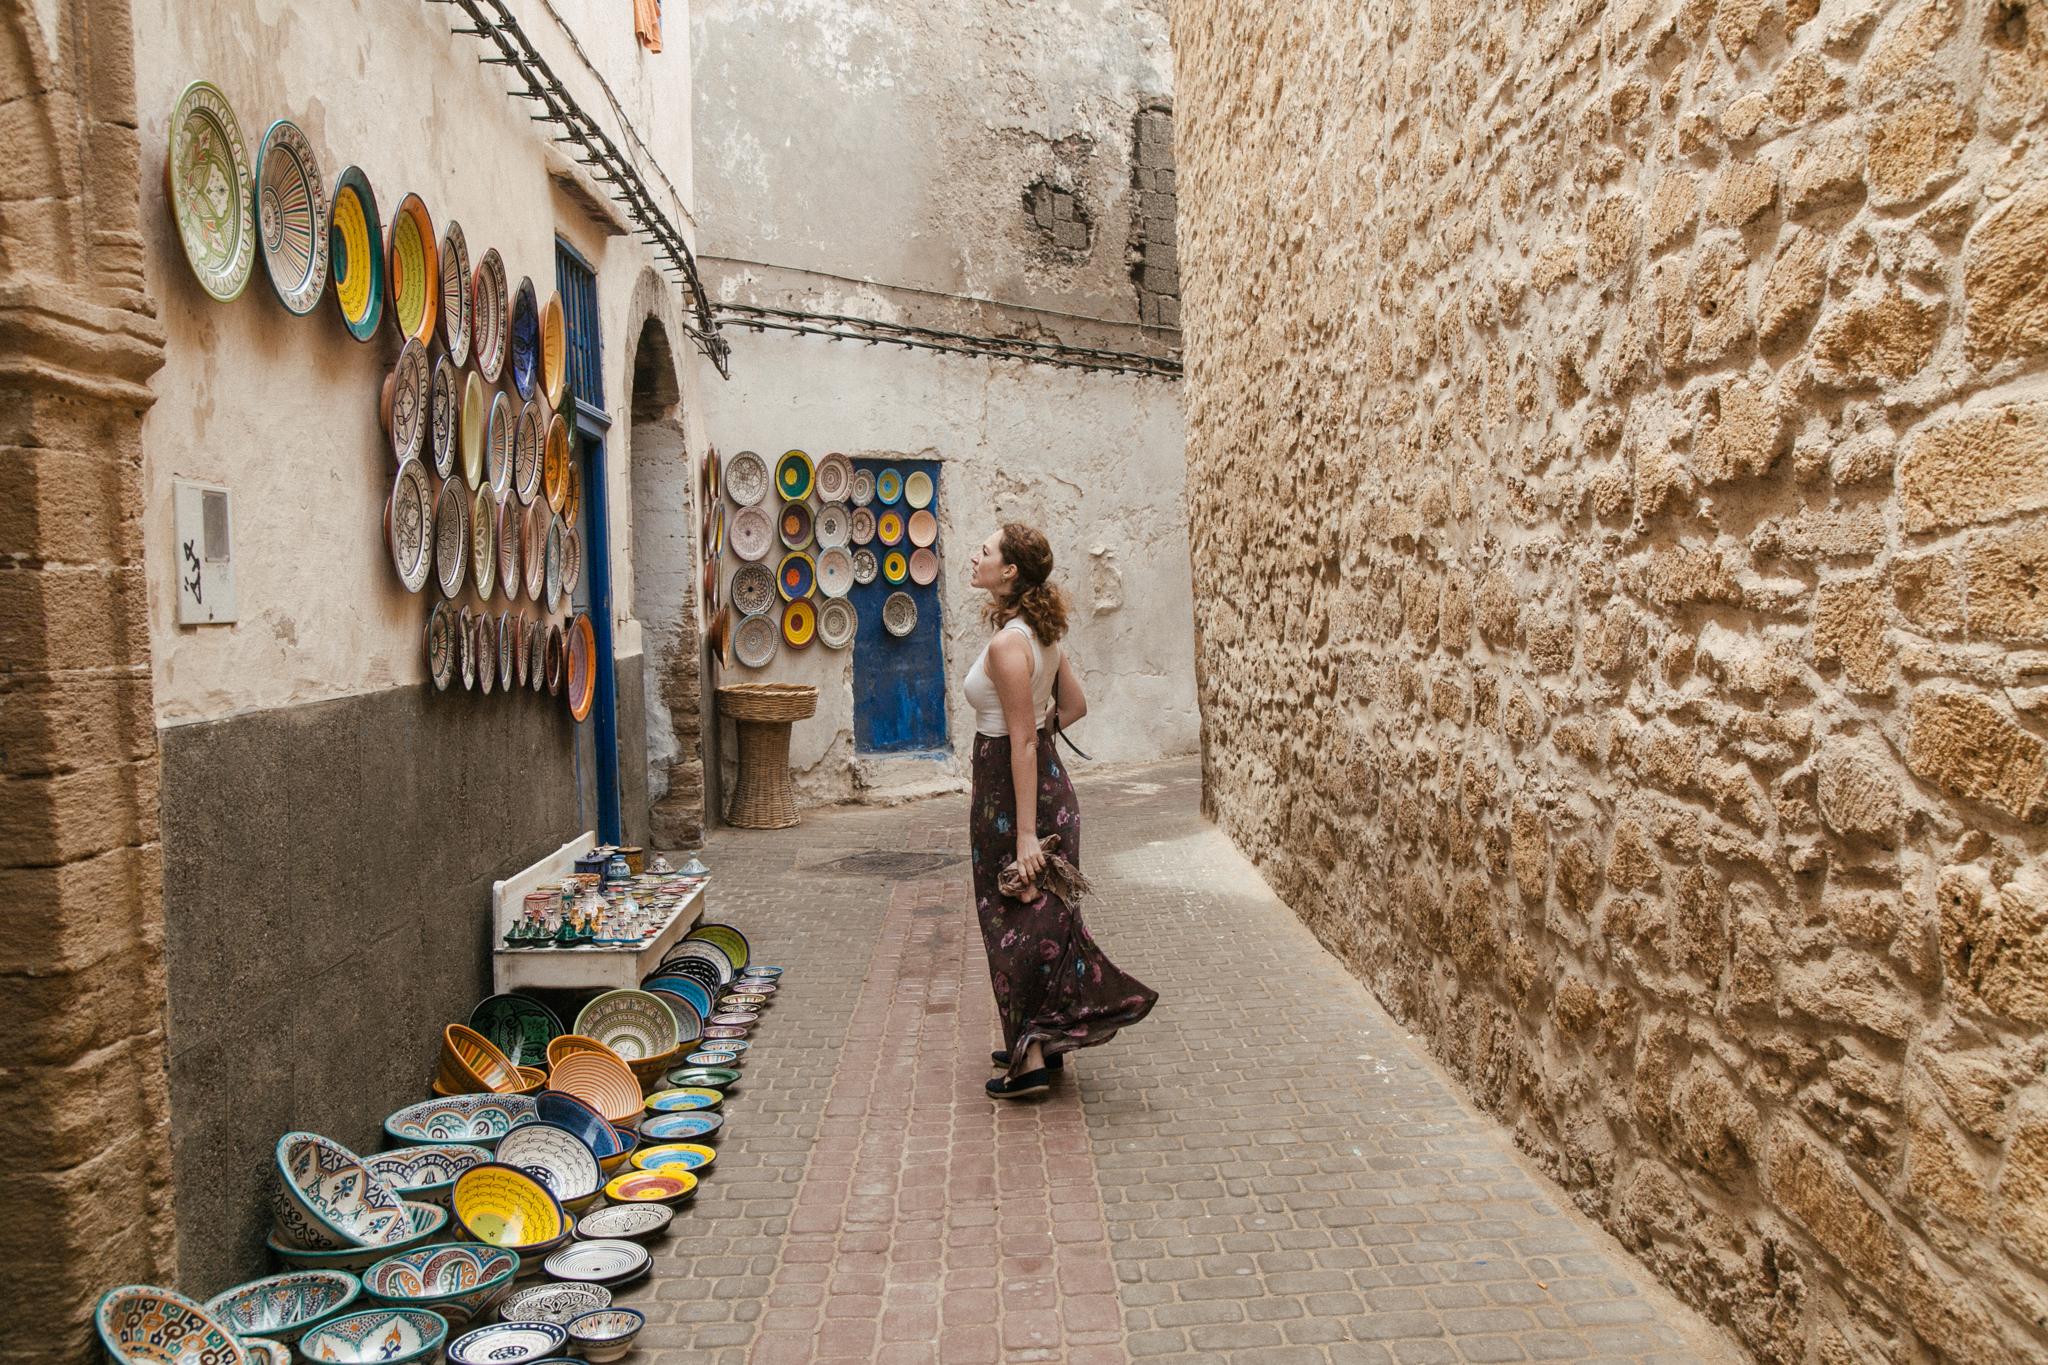 Marrocos, aparatas